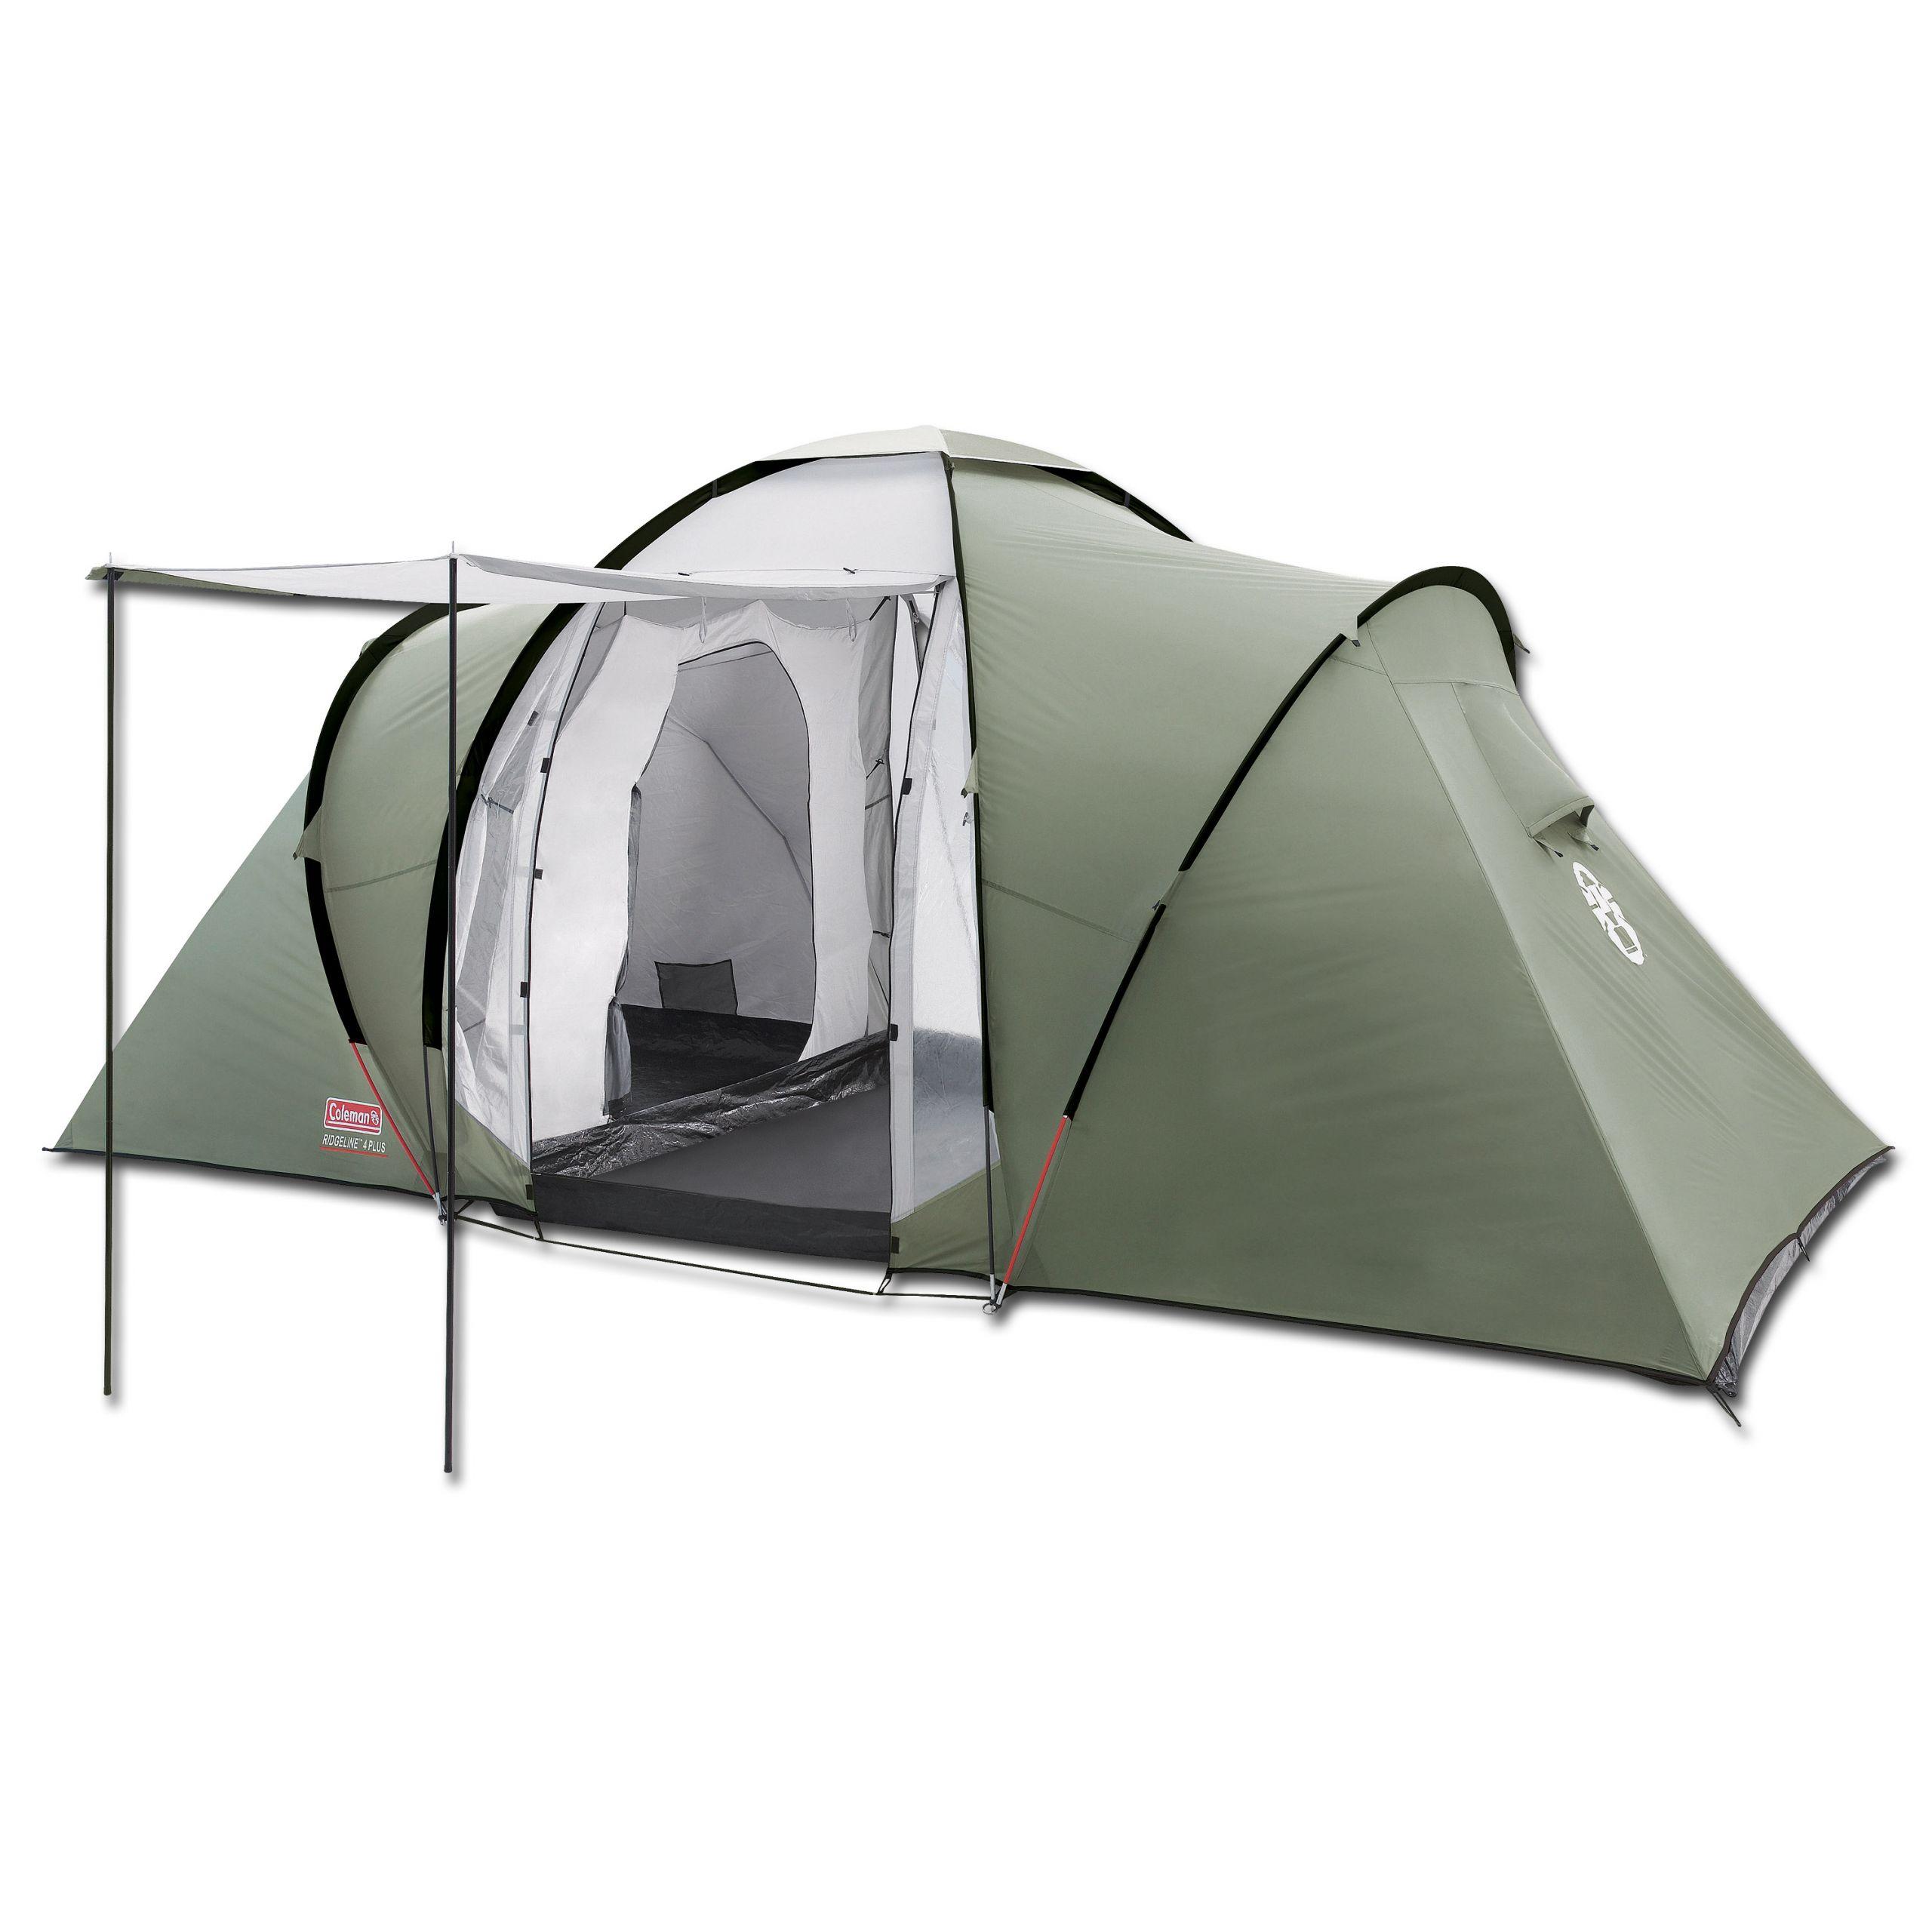 Tent Coleman Ridgeline 4 Plus olive green | Tent Coleman